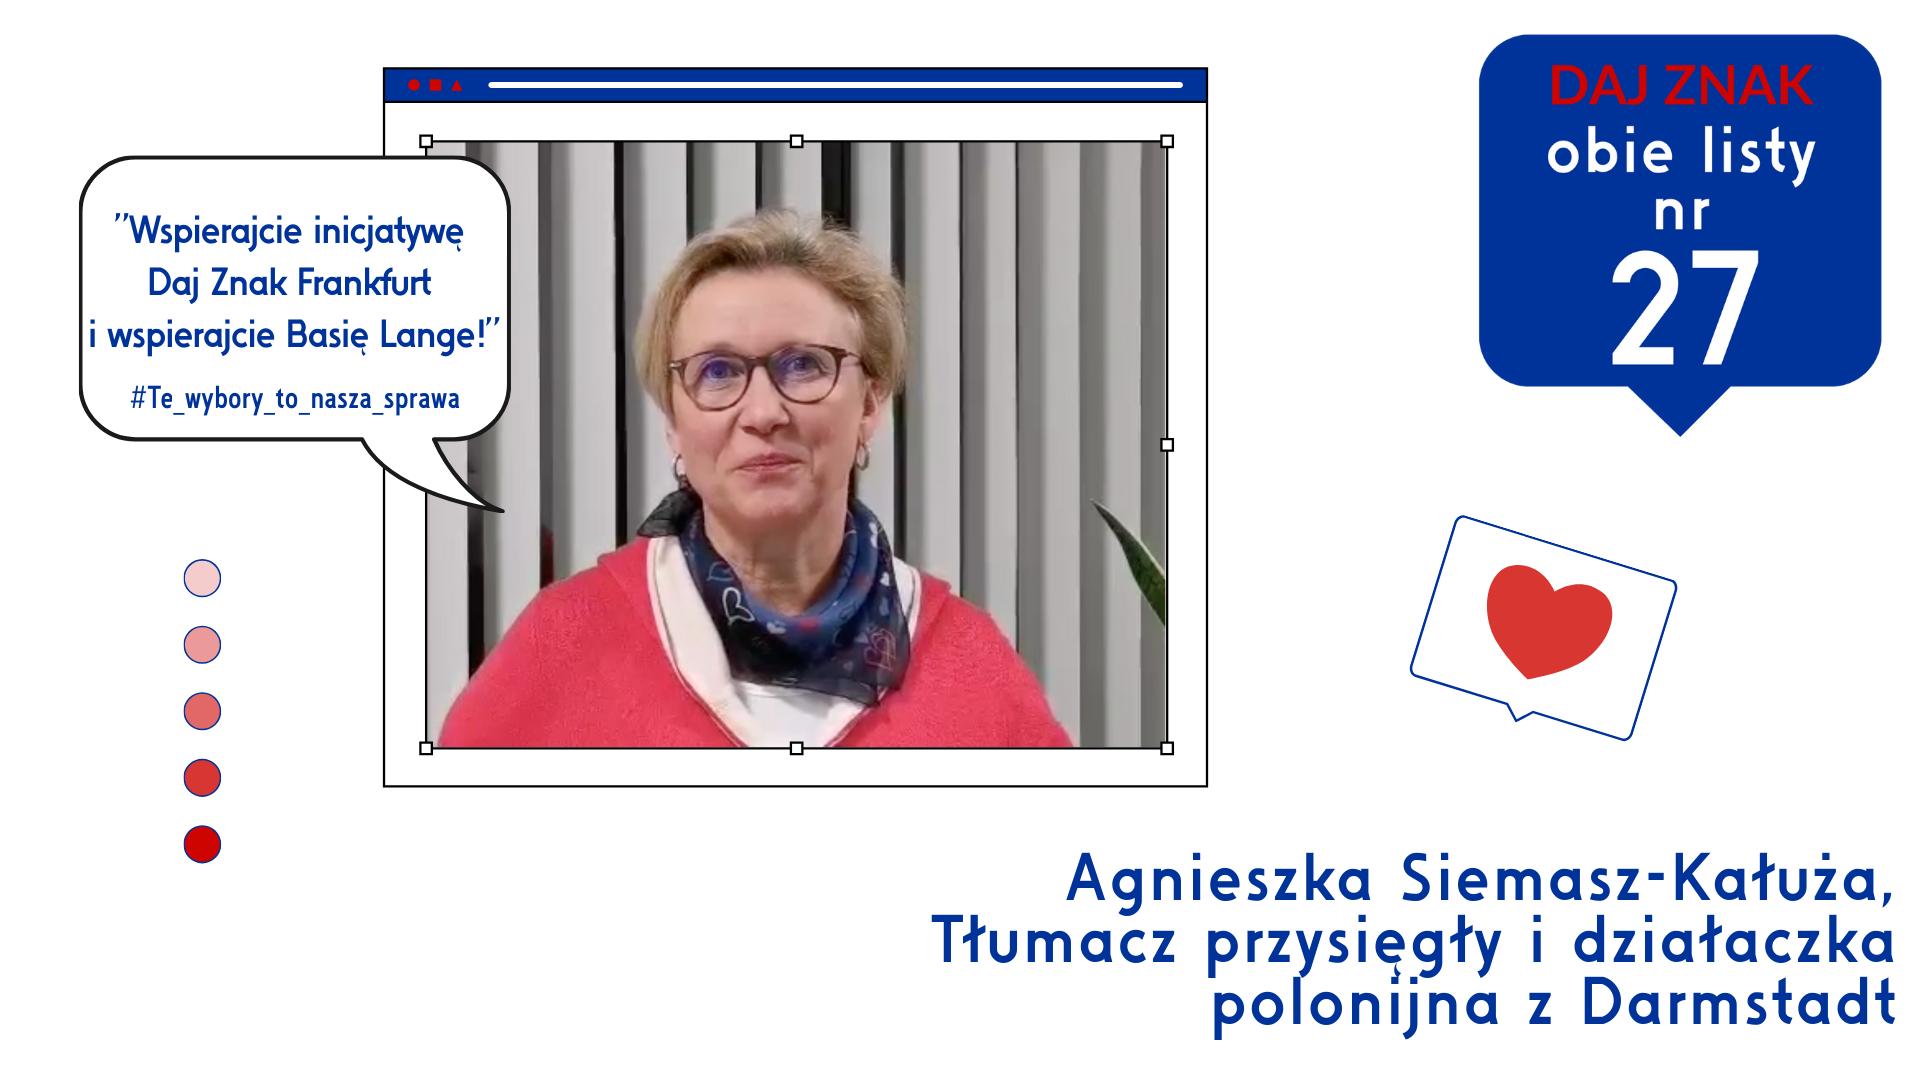 Agnieszka Siemasz-Kaluza Darmstadt